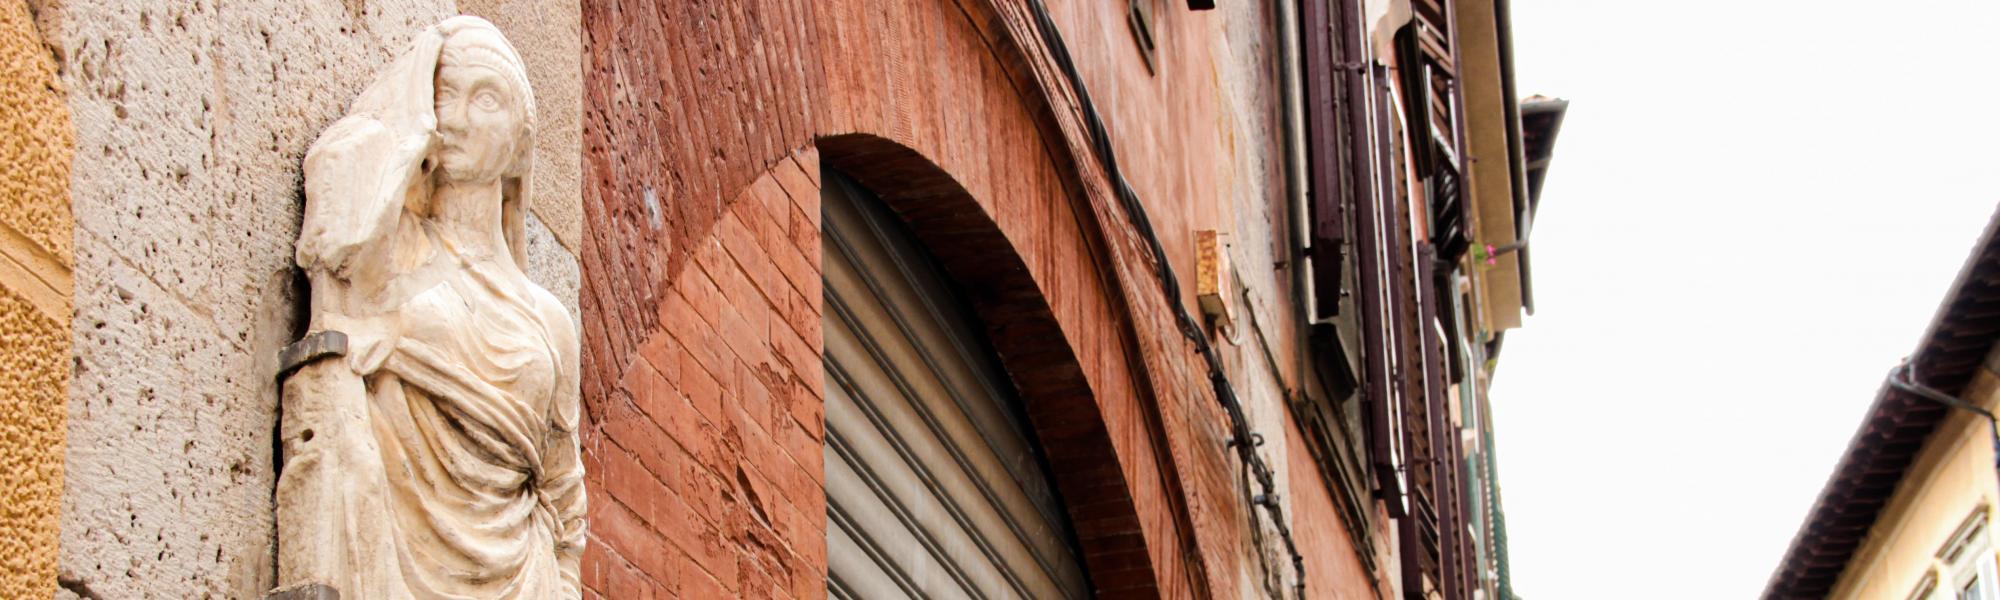 """""""Donna Chinzica"""", reimpiego antico _ Via San. Martino (G. Bettini. Comune di Pisa)"""